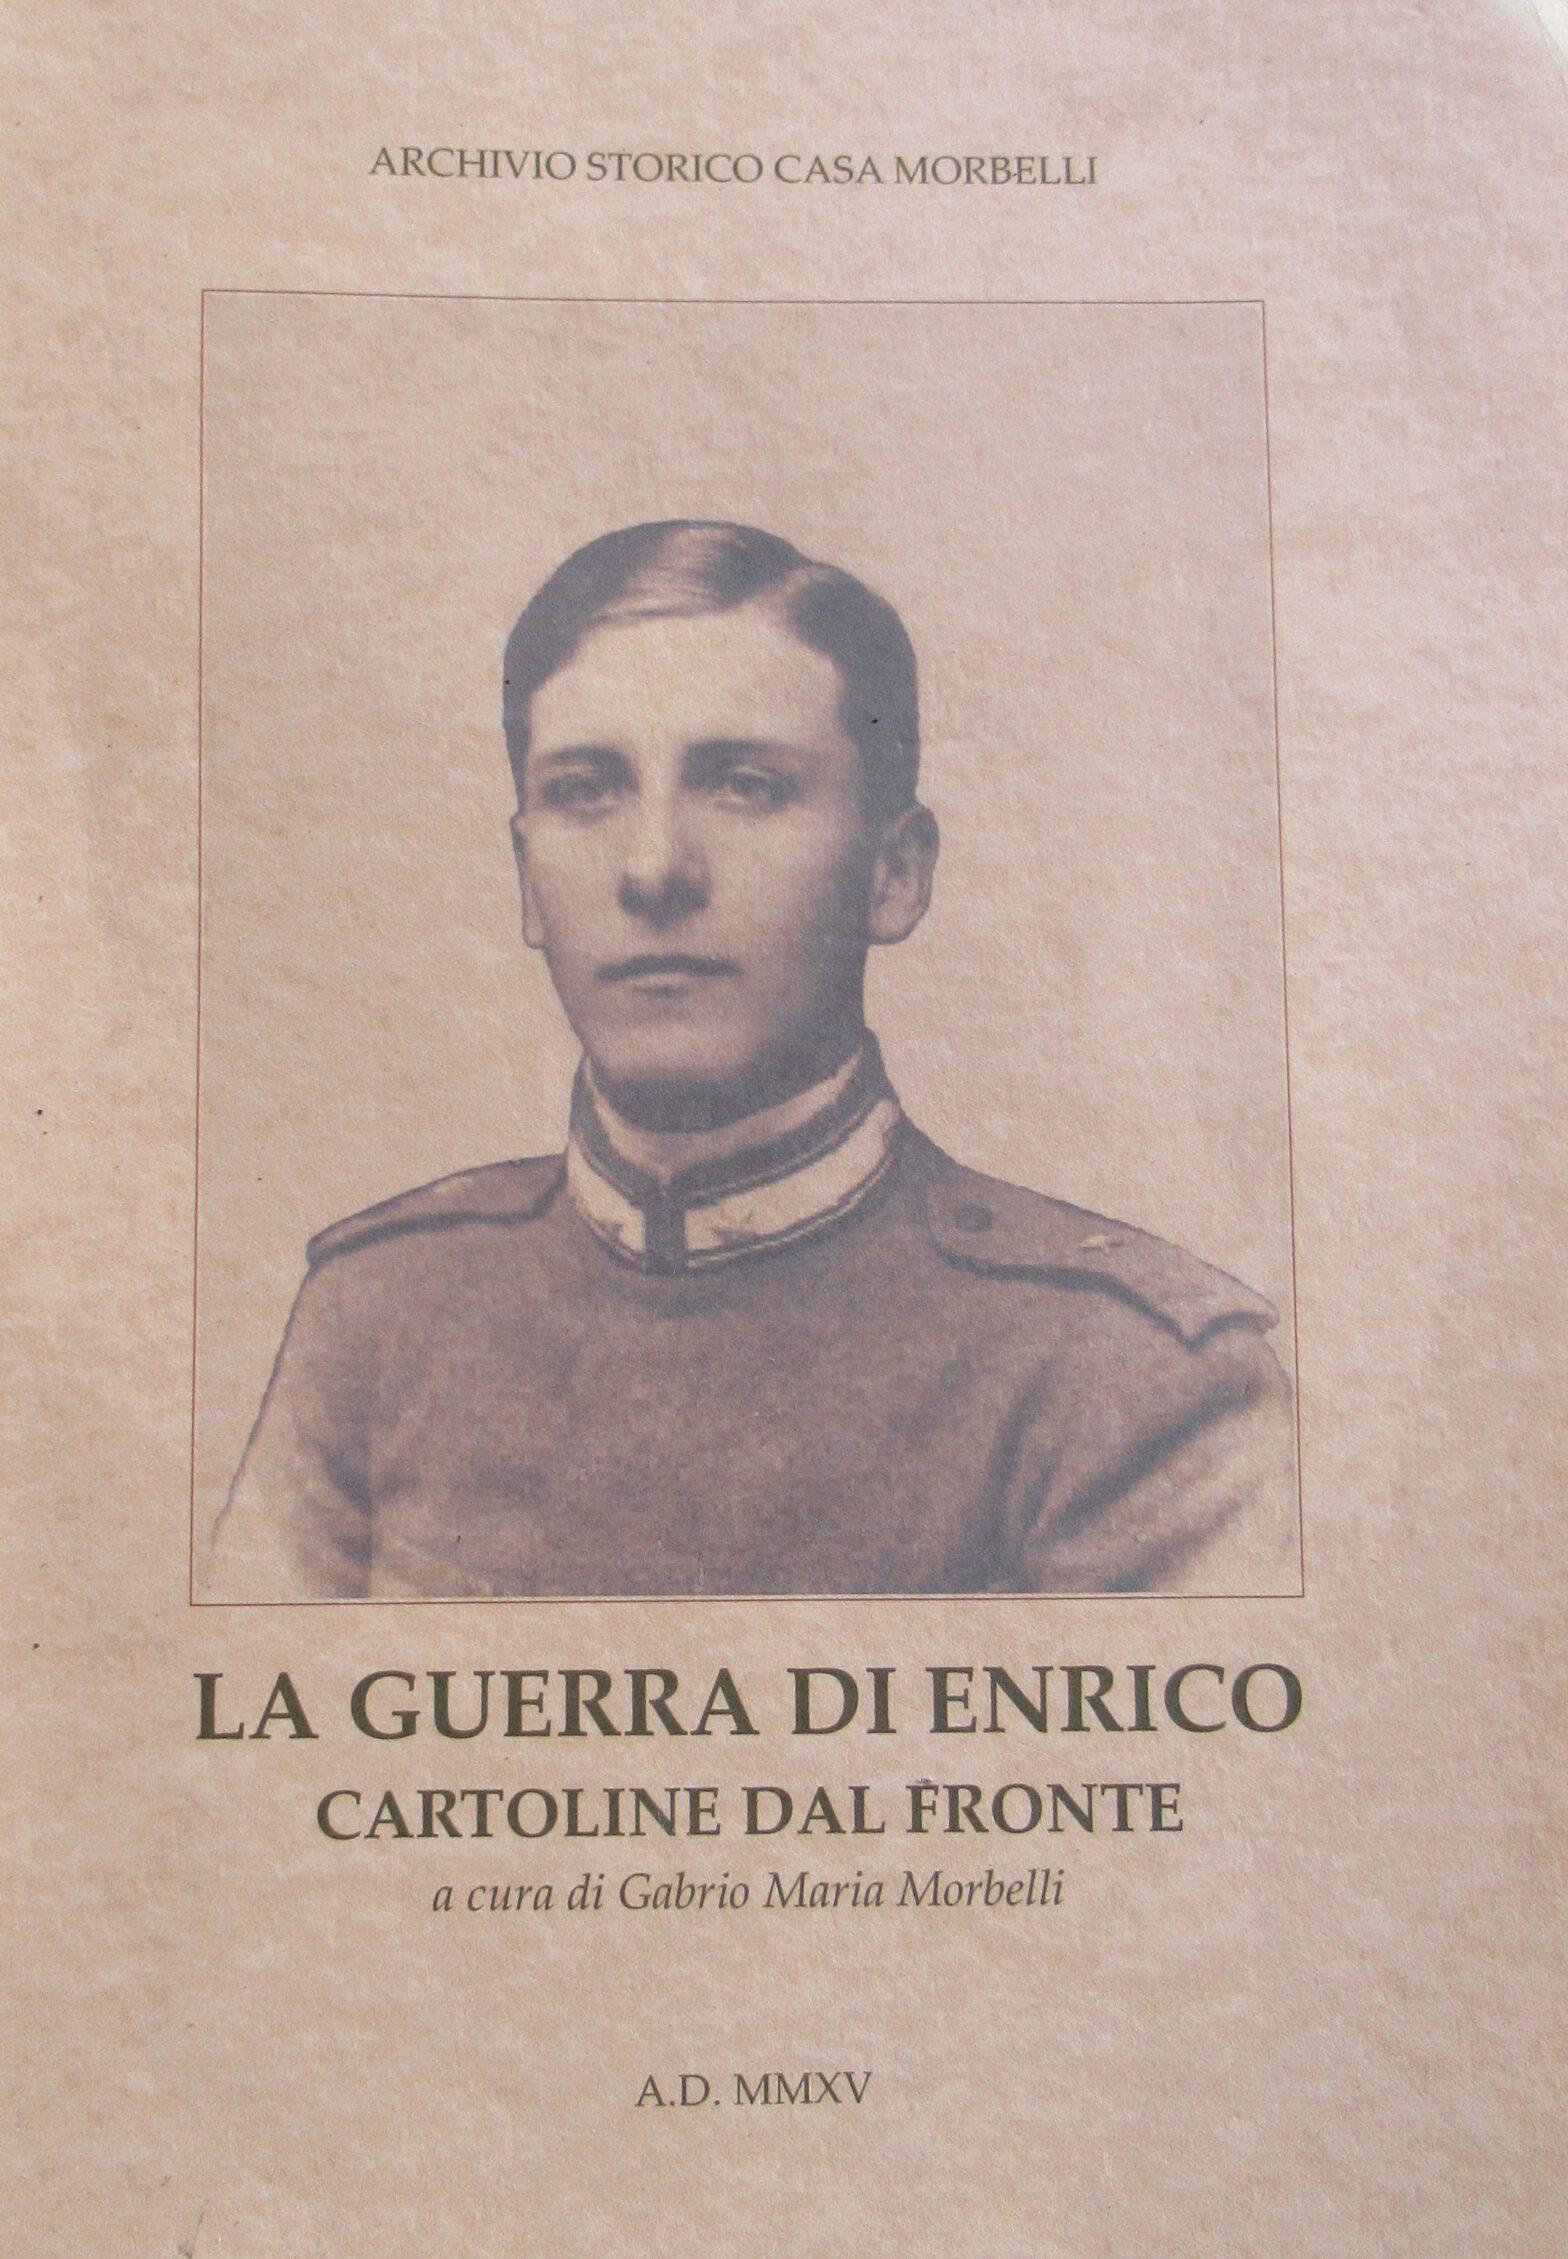 LA GUERRA DI ENRICO, CARTOLINE DAL FRONTE